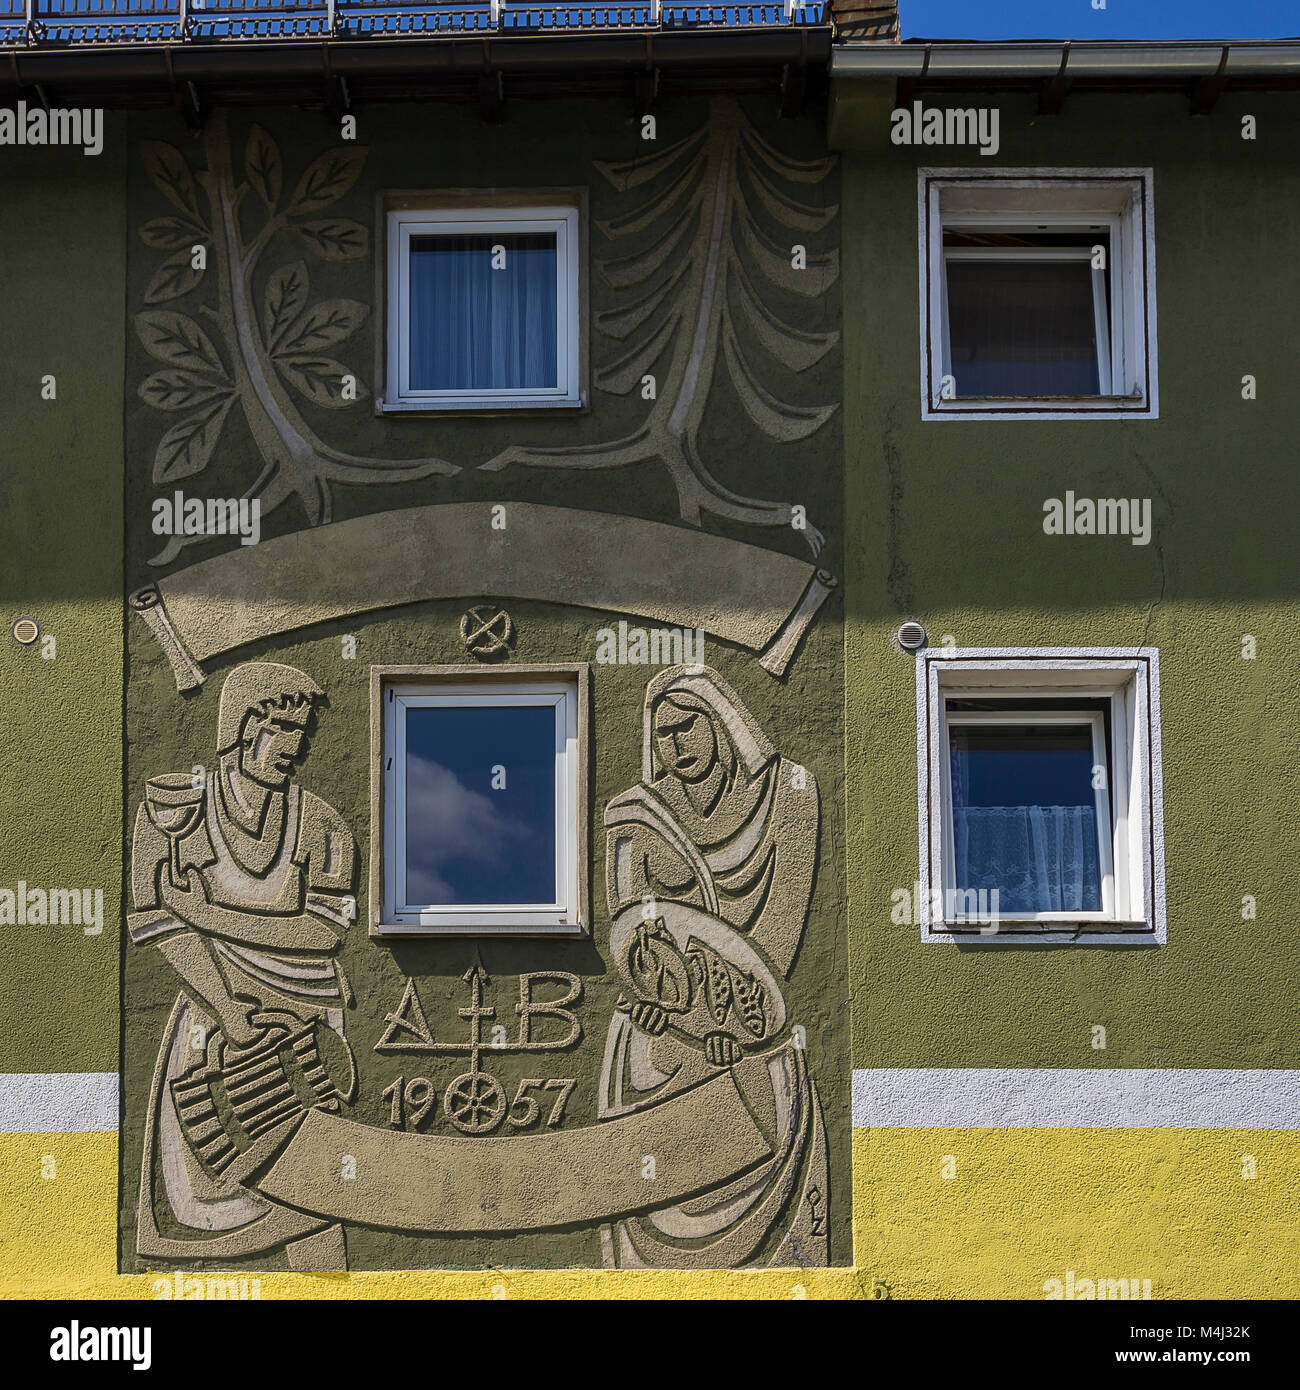 Historische Wandbild Relief von 1957 in einem städtischen Wohnhaus in Zwiesel, Bayerischer Wald, Bayern, Deutschland. Stockbild